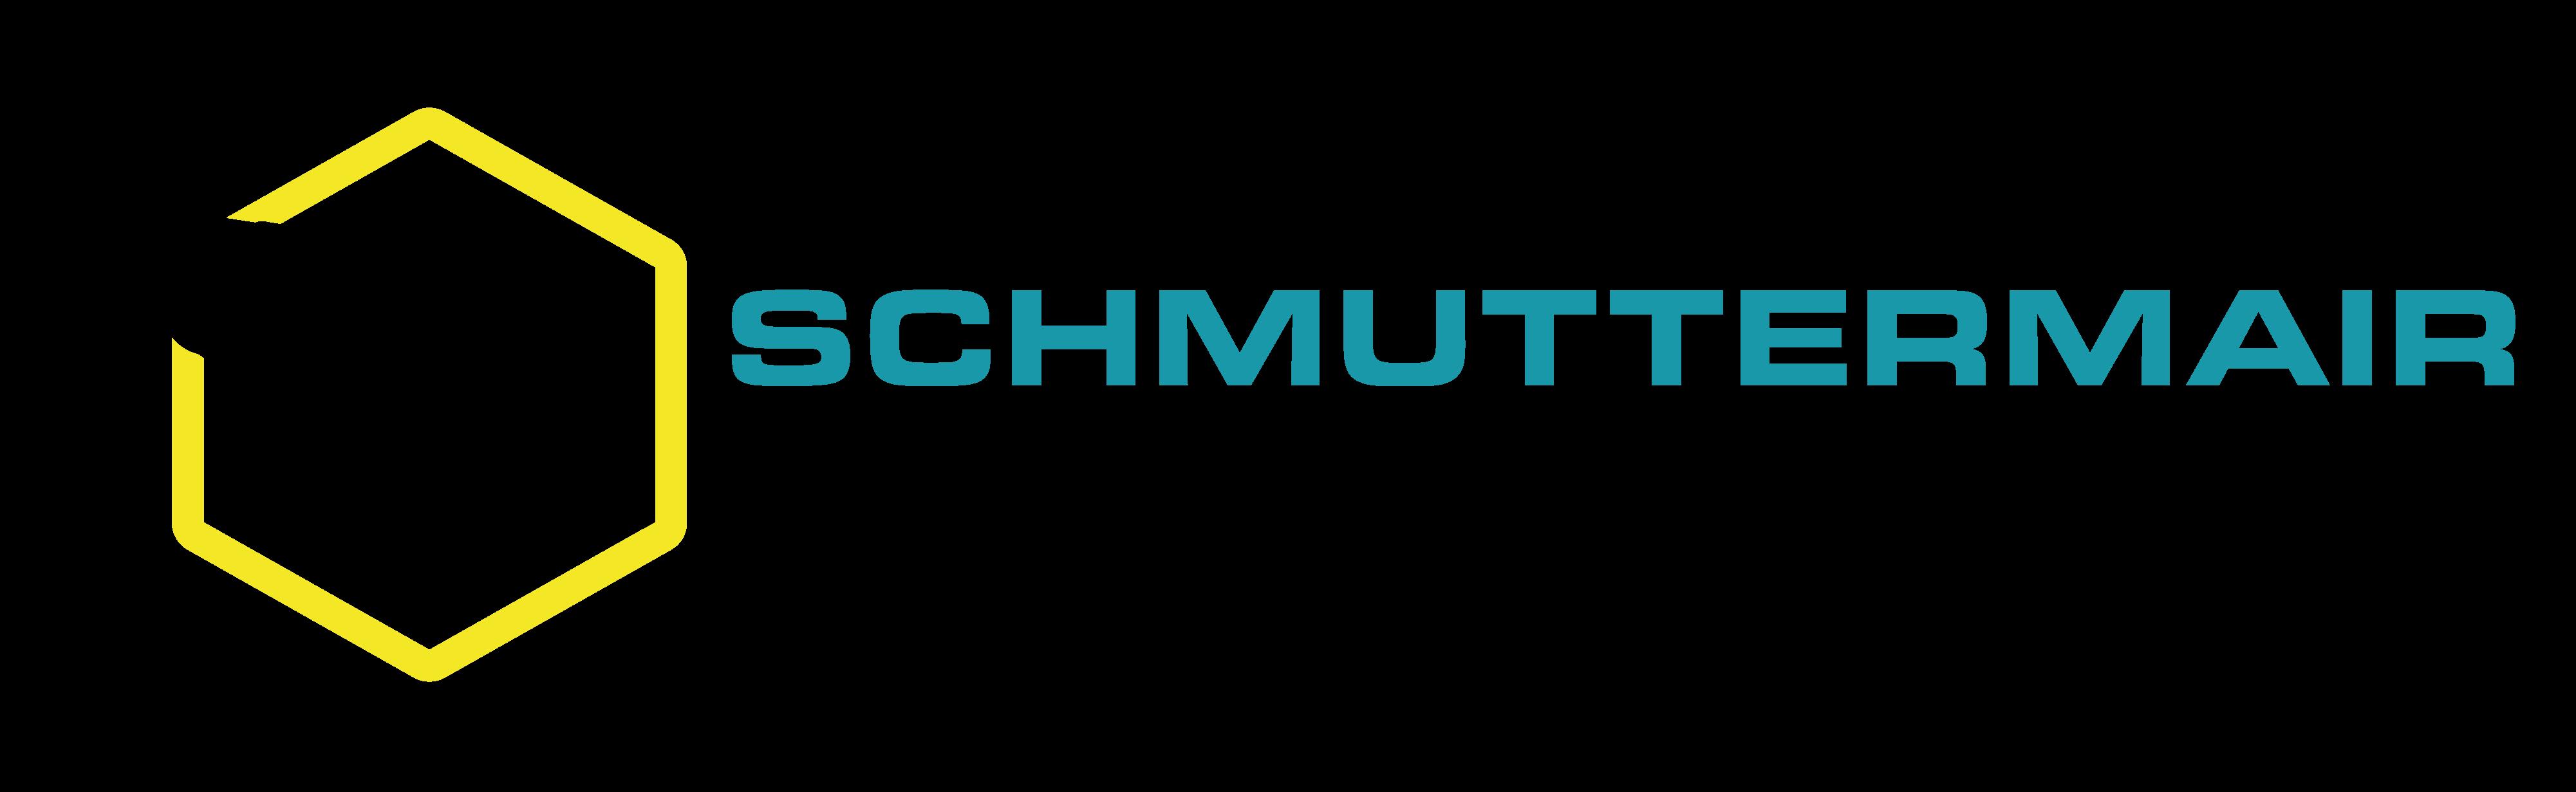 Schmuttermair Erdbau GmbH